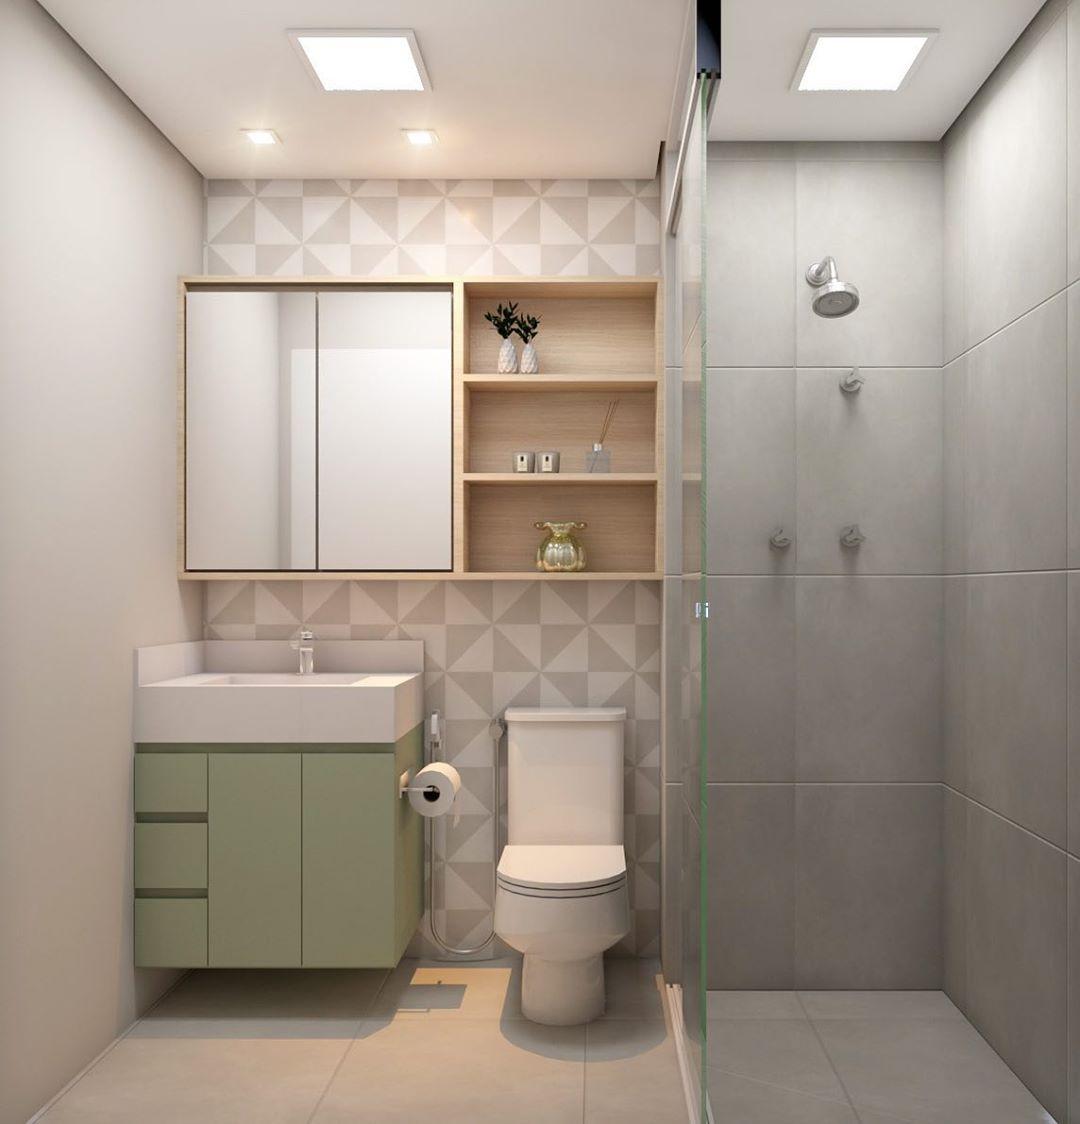 Decoração com armário verde e prateleiras de madeira.